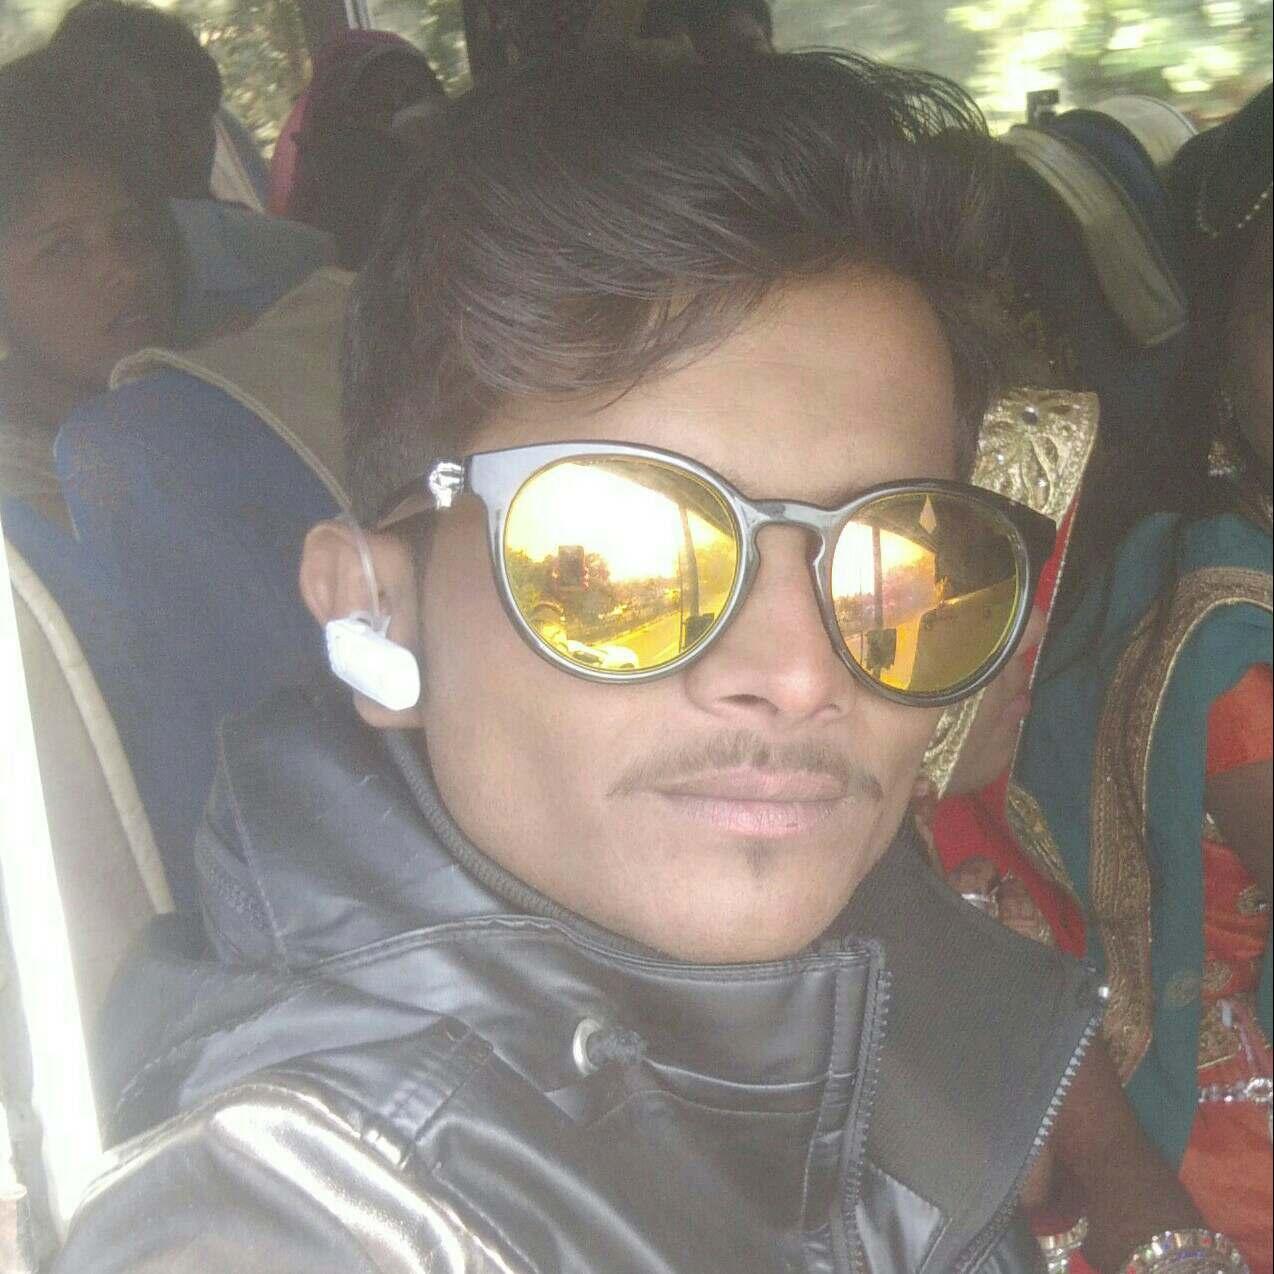 Shailesh Kumar shailesh Kumar